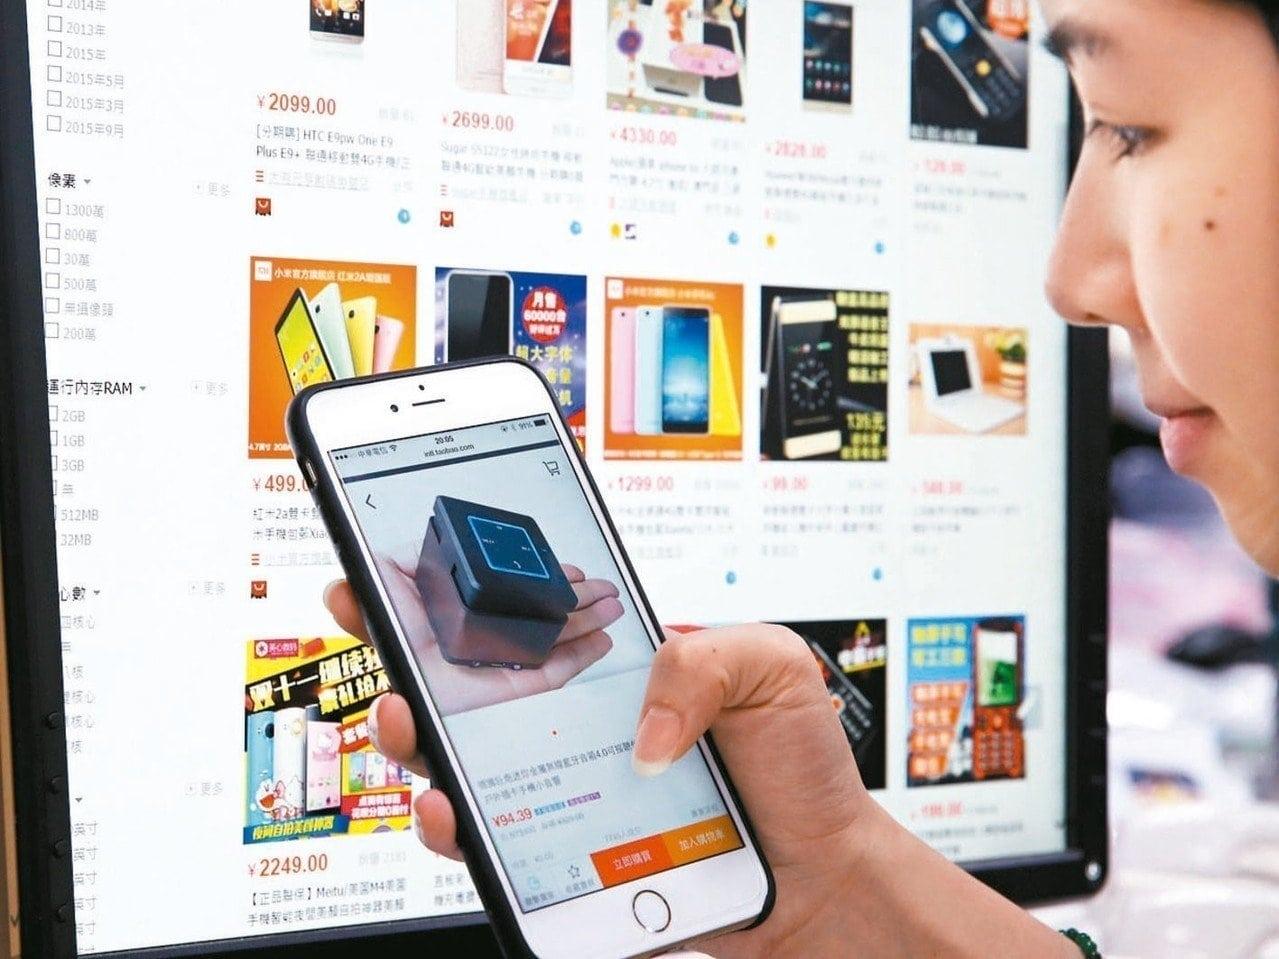 طراحی سایت-خرید فروشگاه اینترنتی آماده